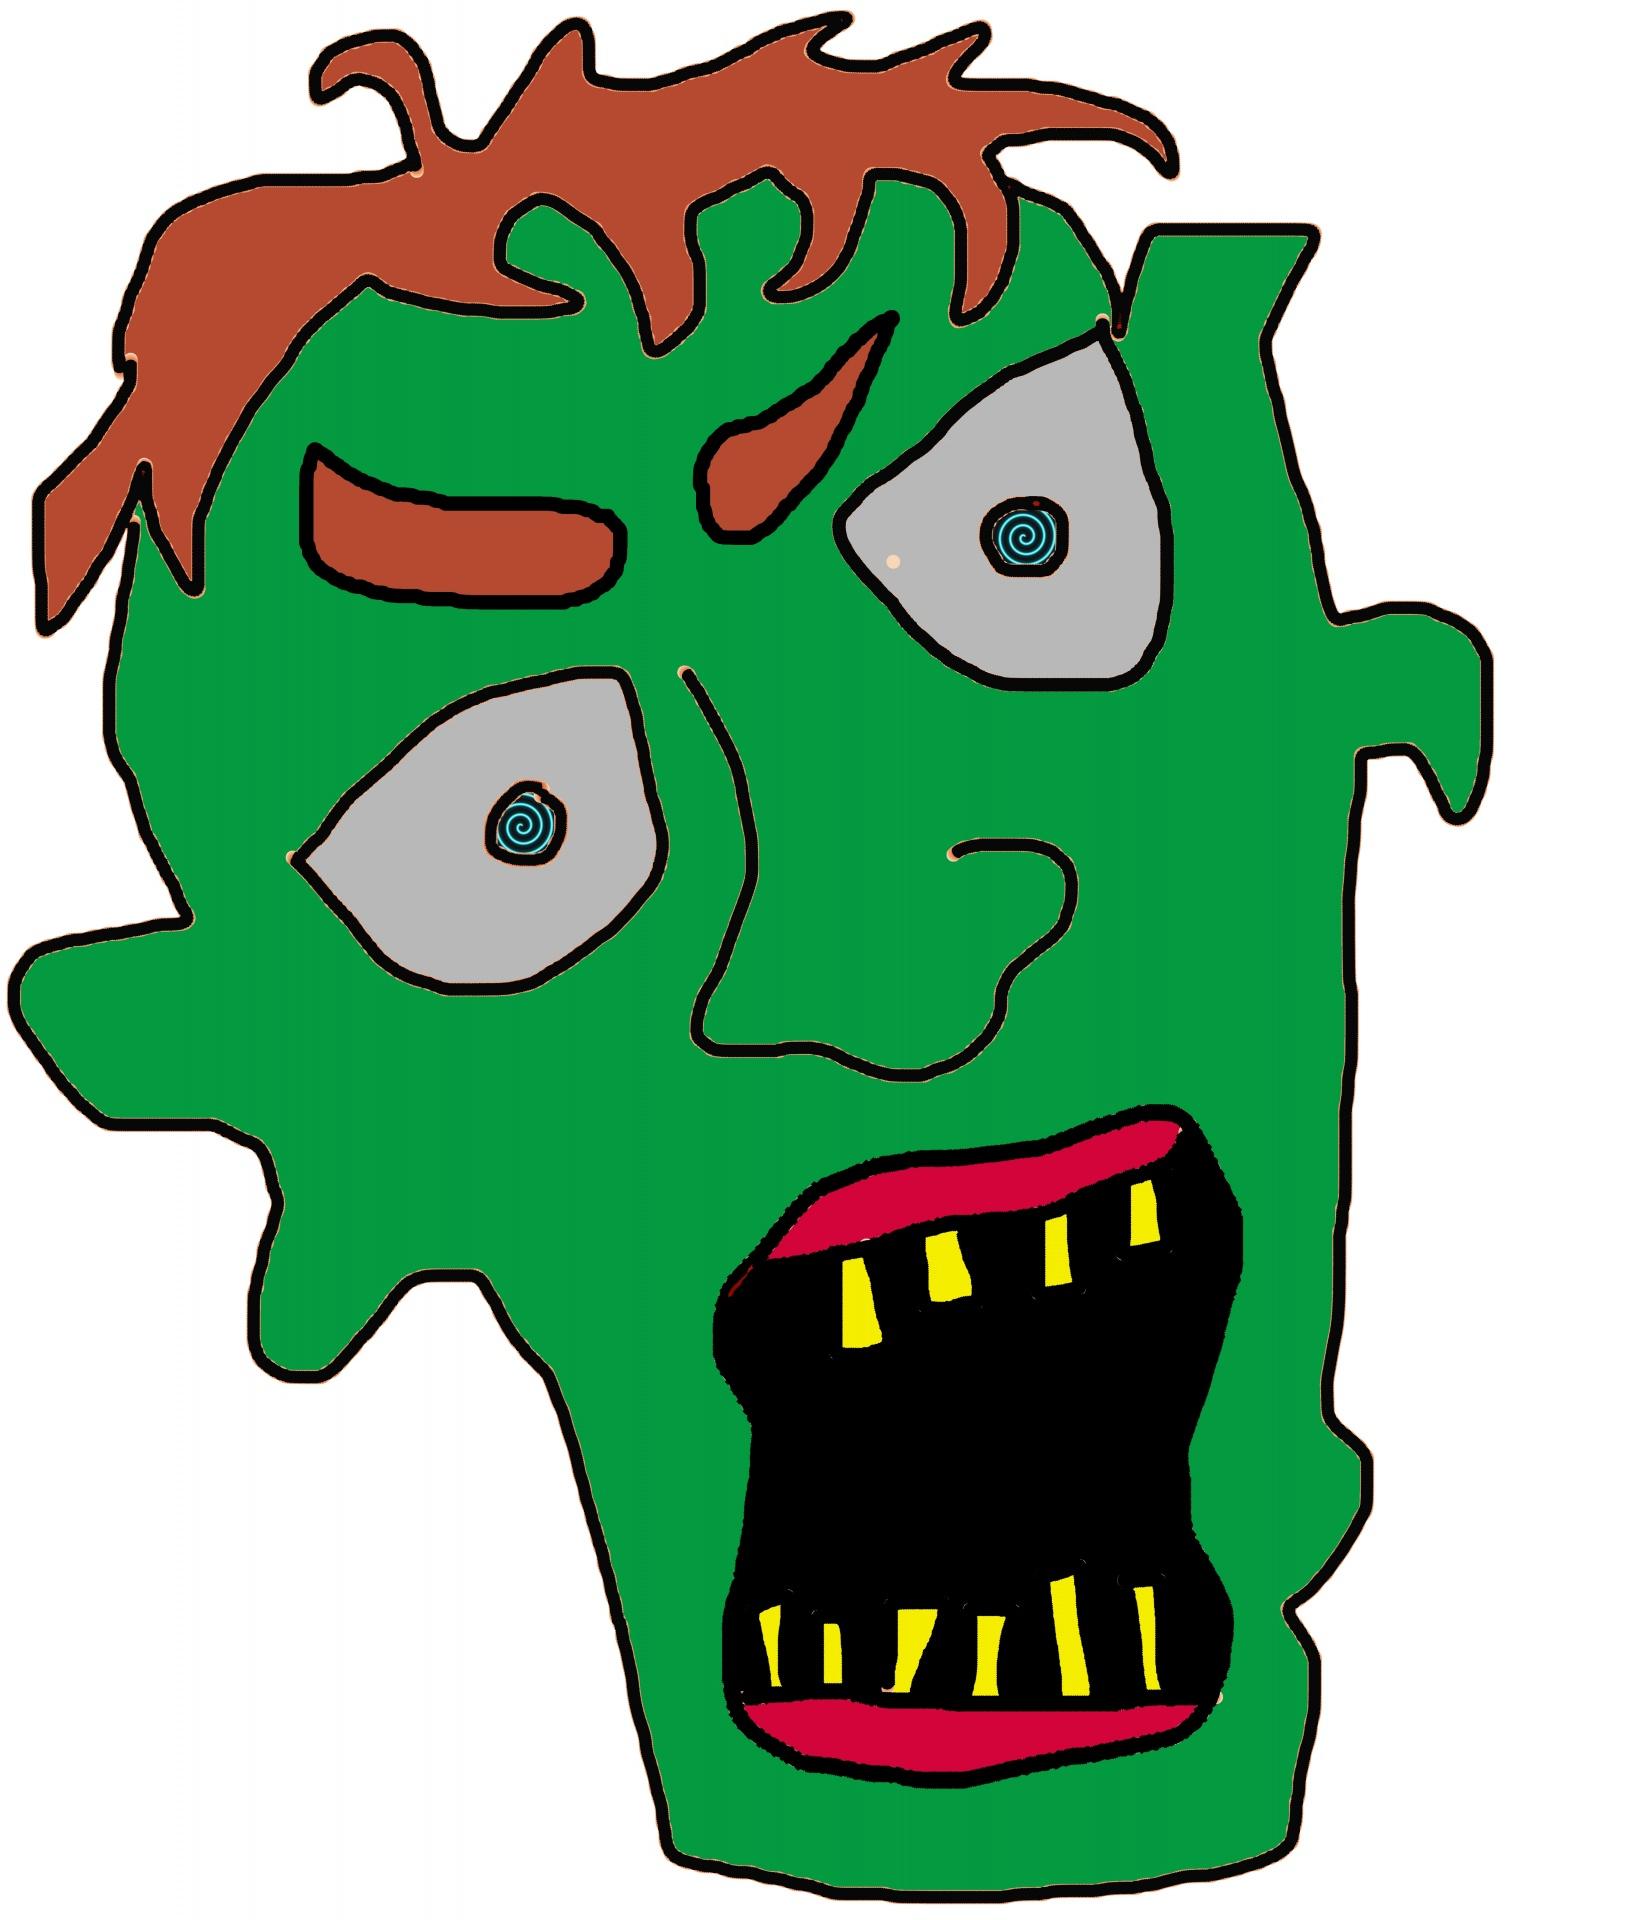 Zombie clipart public domain Zombie Stock Public Head Pictures